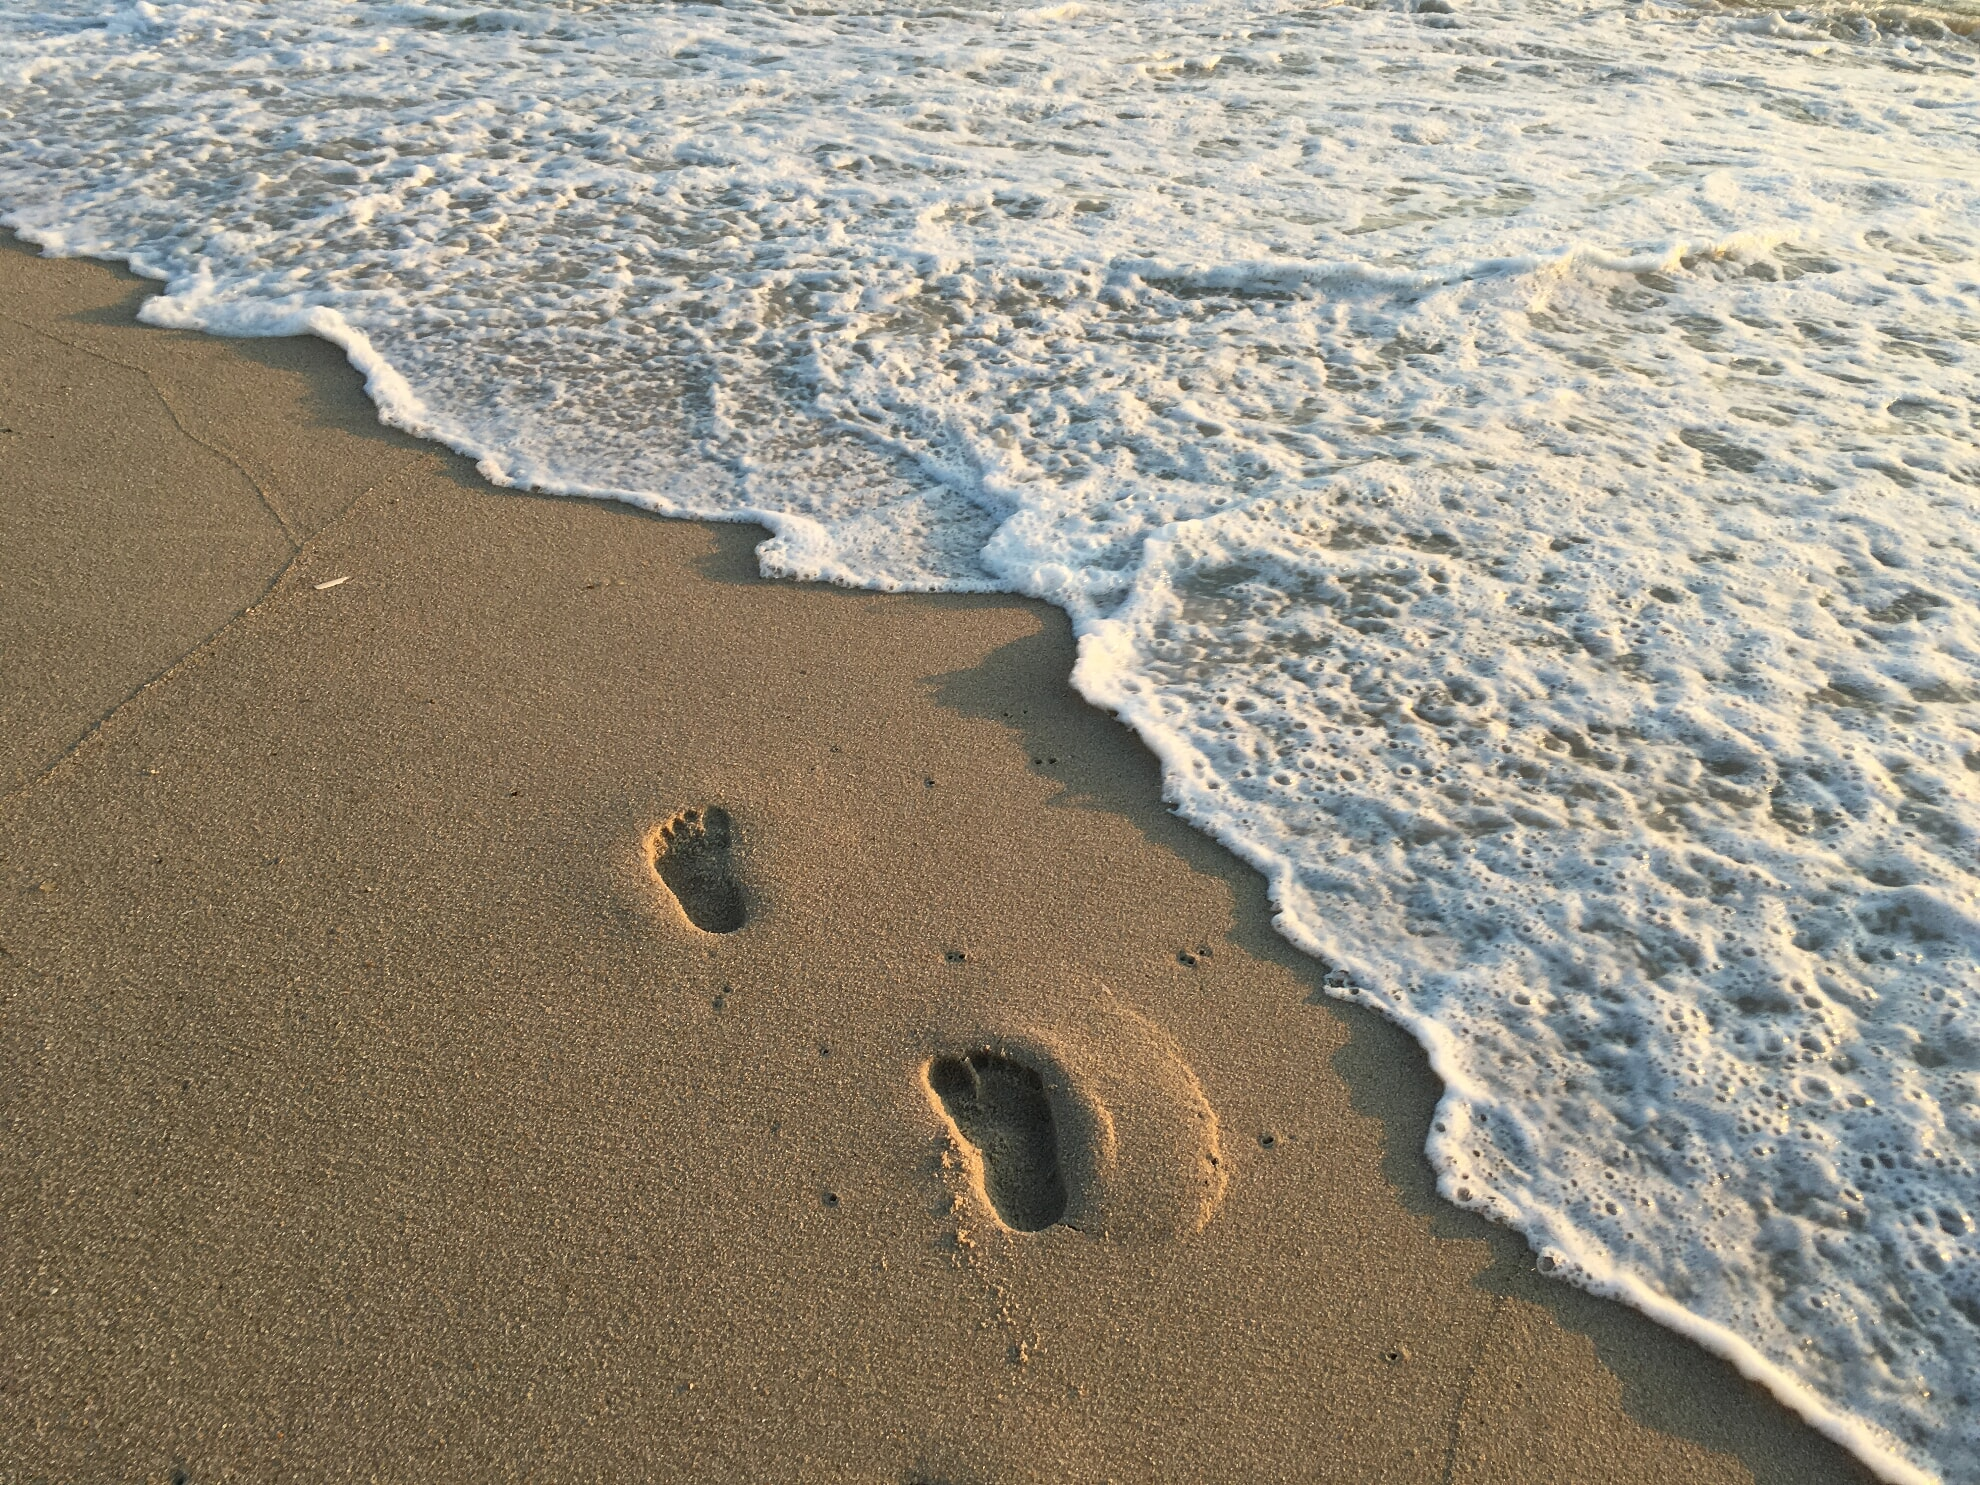 Fußabdrücke hinterlassen